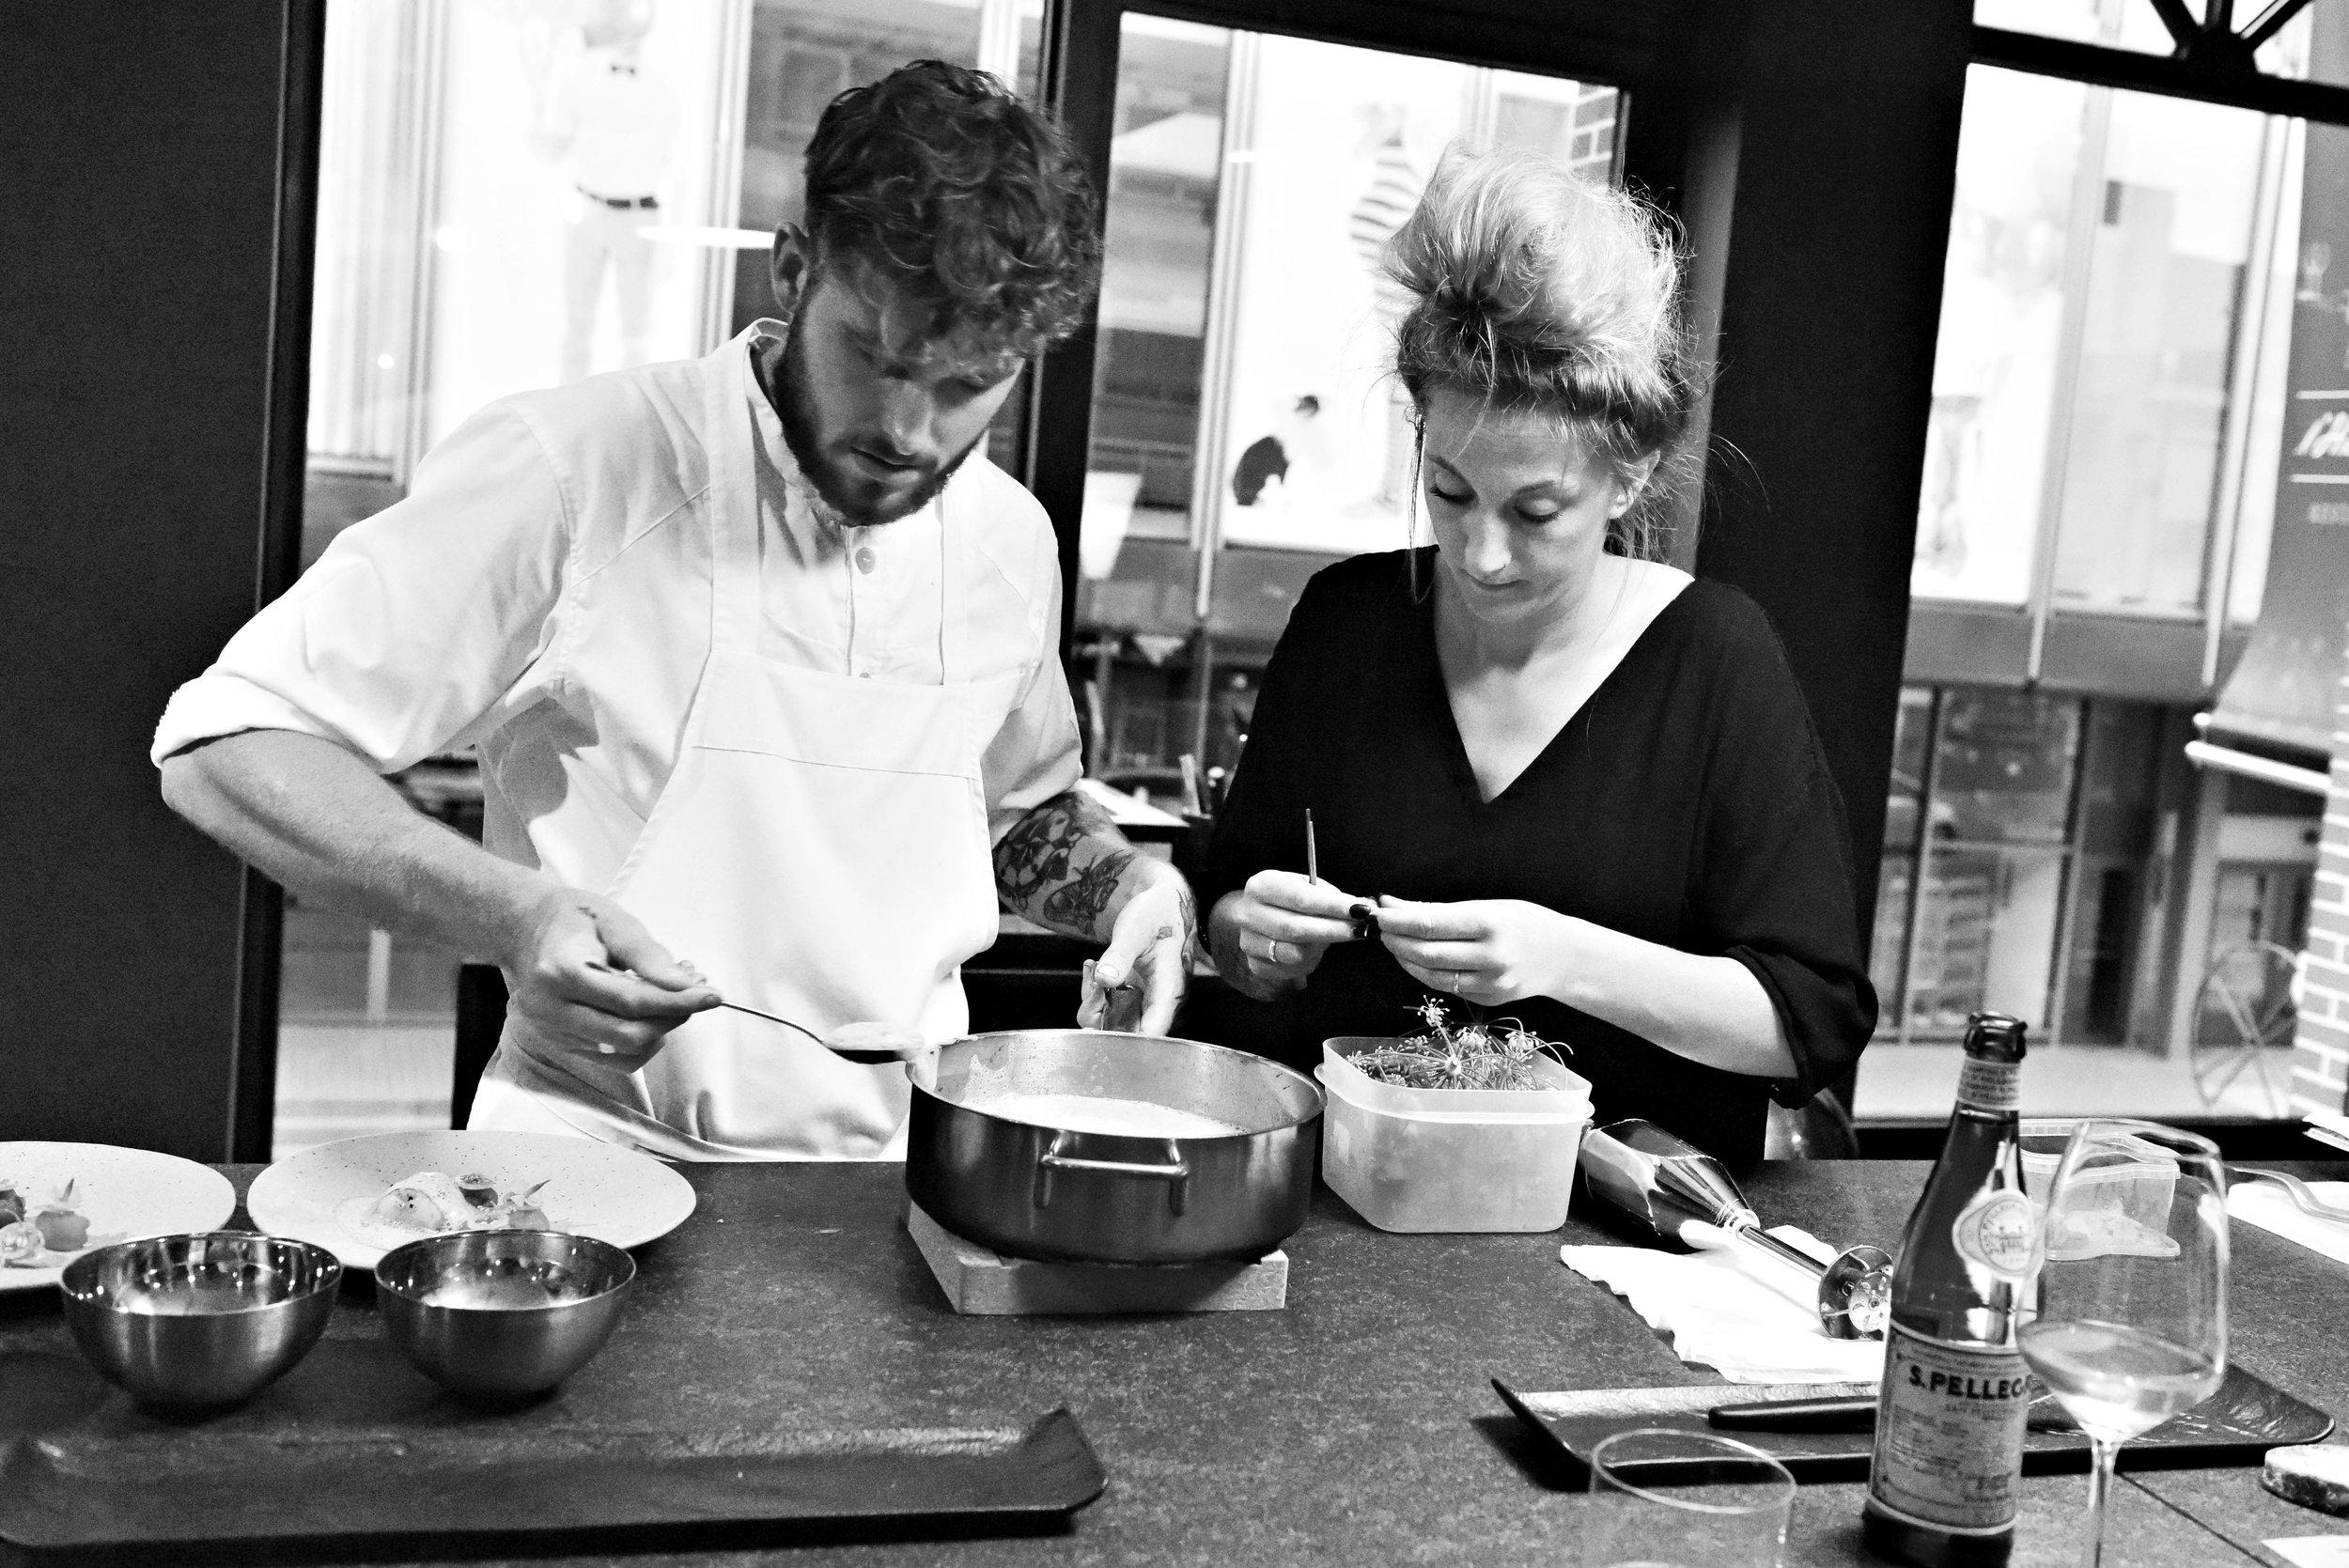 22 restaurant burnt aalst bbq grill culinair gastronomische histoire 32 bart albrecht fotograaf tablefever online reserveren.jpg